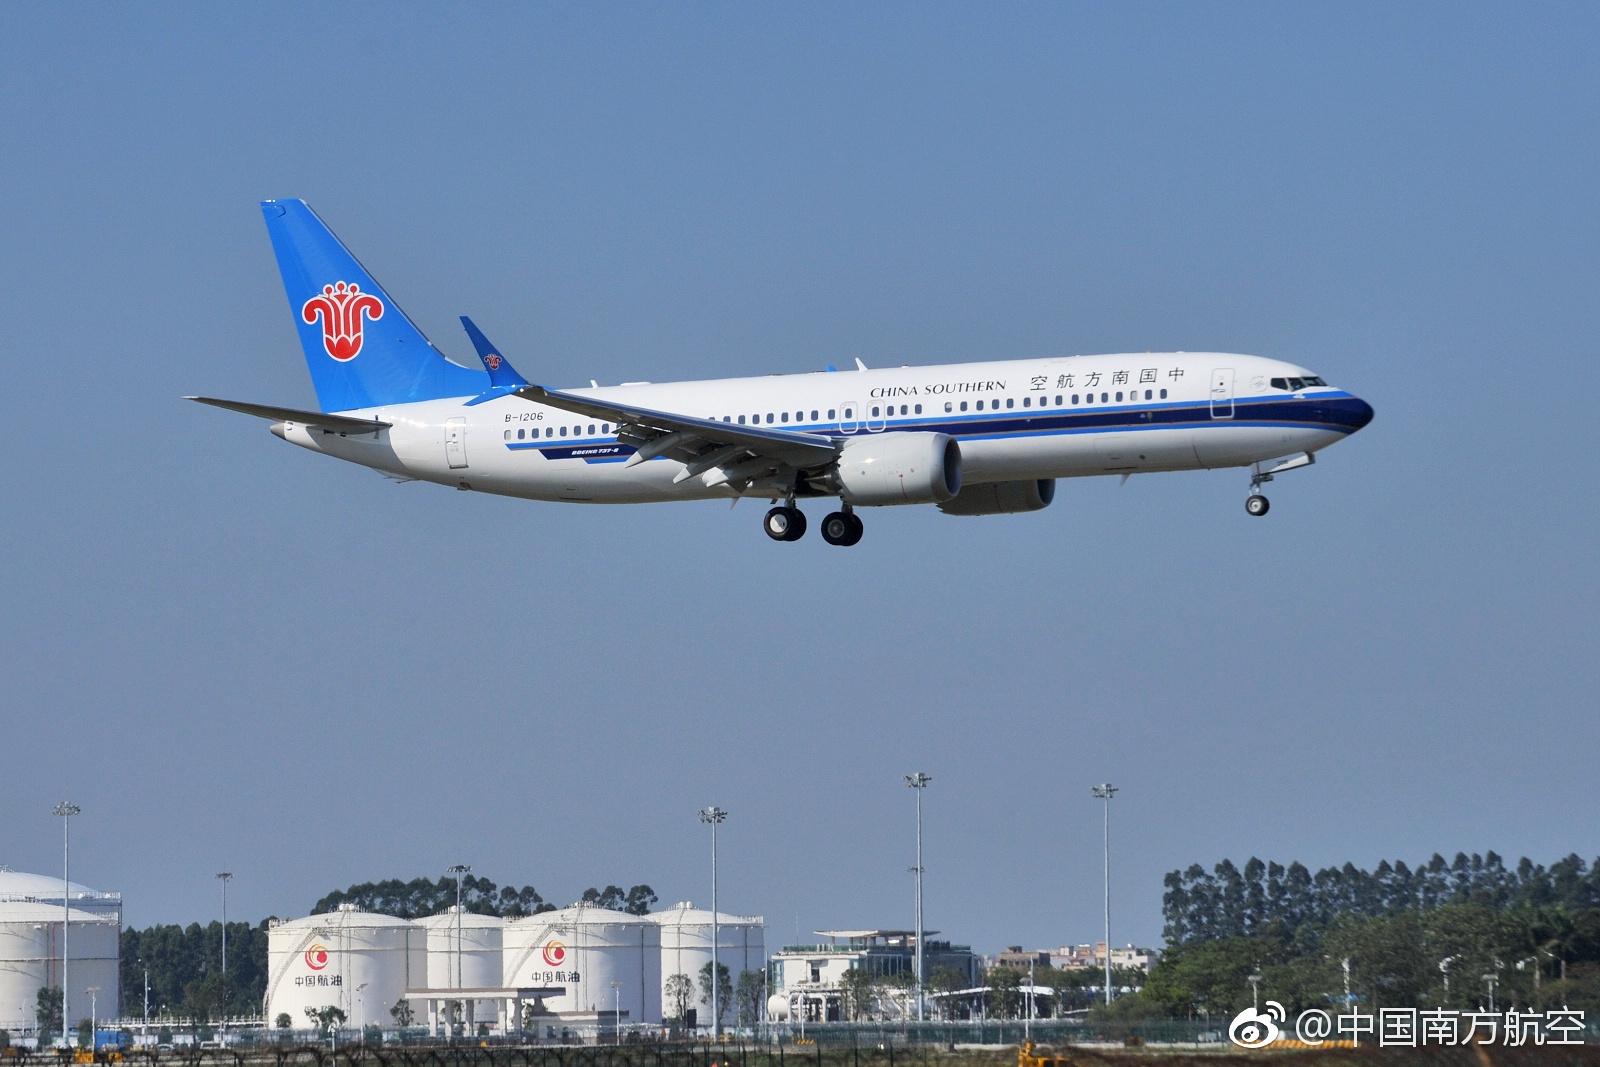 中国南方航空公司宣布,12月1日上午10点21分,南航第一架波音737 MAX 8客机(注册号B-1208)在广州白云国际机场降落。 这标志着,波音737 MAX 8新型客机正式加入南航机队,另外中国国航也已经接收波音737 MAX 8。  南航特意公布了一组其波音737 MAX 8首飞的精彩照片,尤其是包括多张内部照片,可以看到新客机内部相当宽敞,还贴心地设置了支持多国标准的充电插座,和多个USB充电接口。   波音737 MAX窄体机喷气式飞机是波音公司的最新机型,目前全球最先进的单通道客机之一,也是